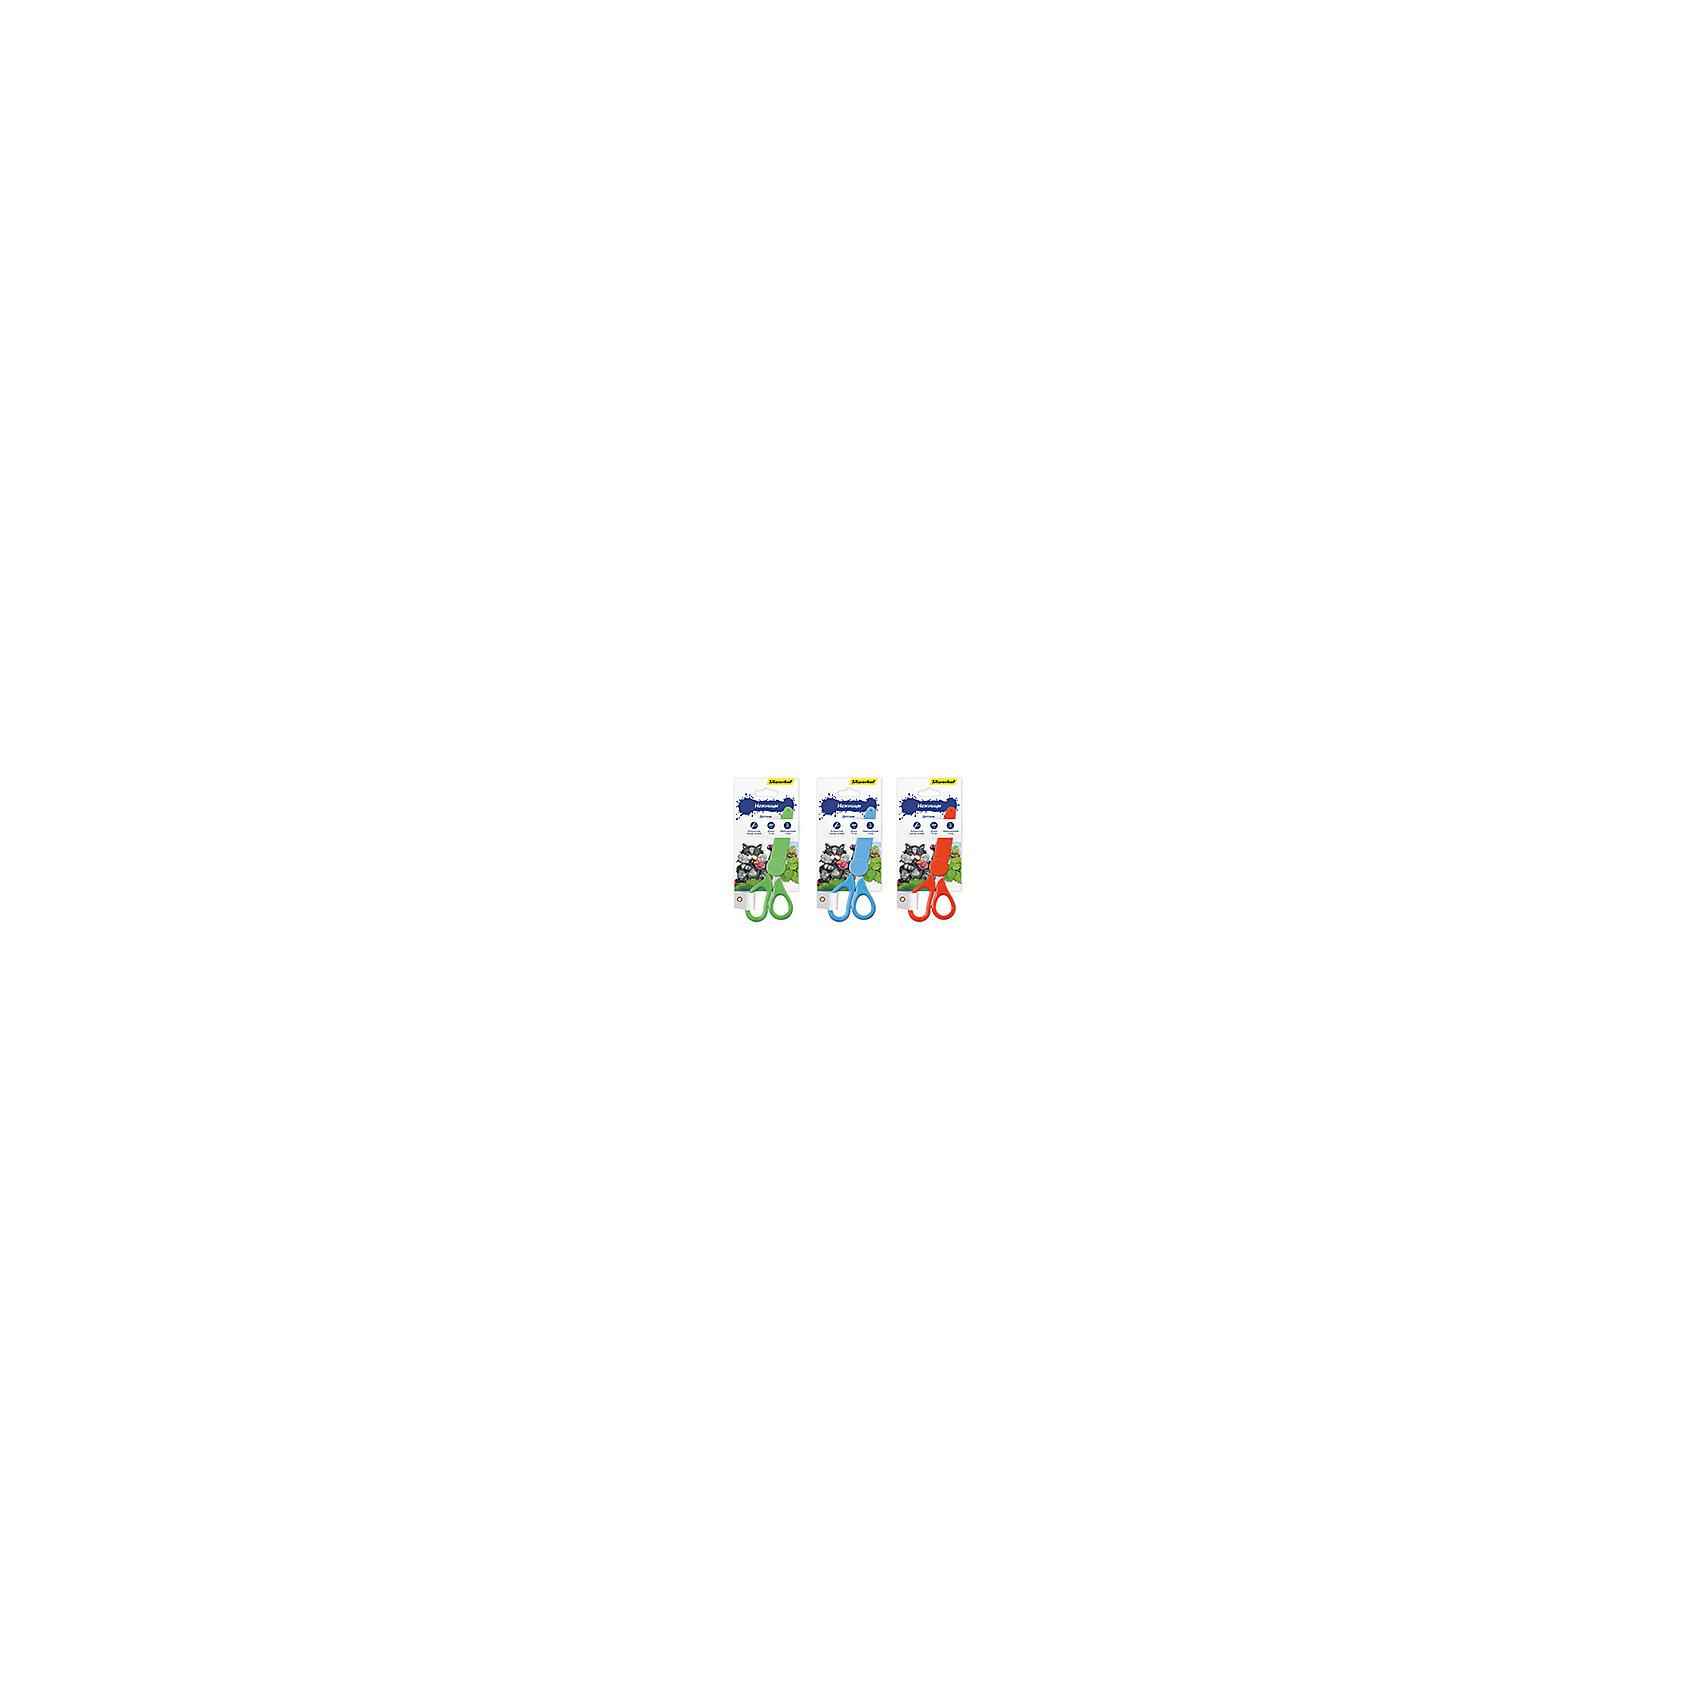 Ножницы детские, ПЛАСТИЛИНОВАЯ КОЛЛЕКЦИЯ, 13смШкольные аксессуары<br>Ножницы детские, ПЛАСТИЛИНОВАЯ КОЛЛЕКЦИЯ, 13см, пластиковые ручки, с защитным футляром, блистер с европодвесом арт.453069 ед.изм.Шт<br><br>Ширина мм: 150<br>Глубина мм: 80<br>Высота мм: 4<br>Вес г: 38<br>Возраст от месяцев: 36<br>Возраст до месяцев: 144<br>Пол: Унисекс<br>Возраст: Детский<br>SKU: 5020564